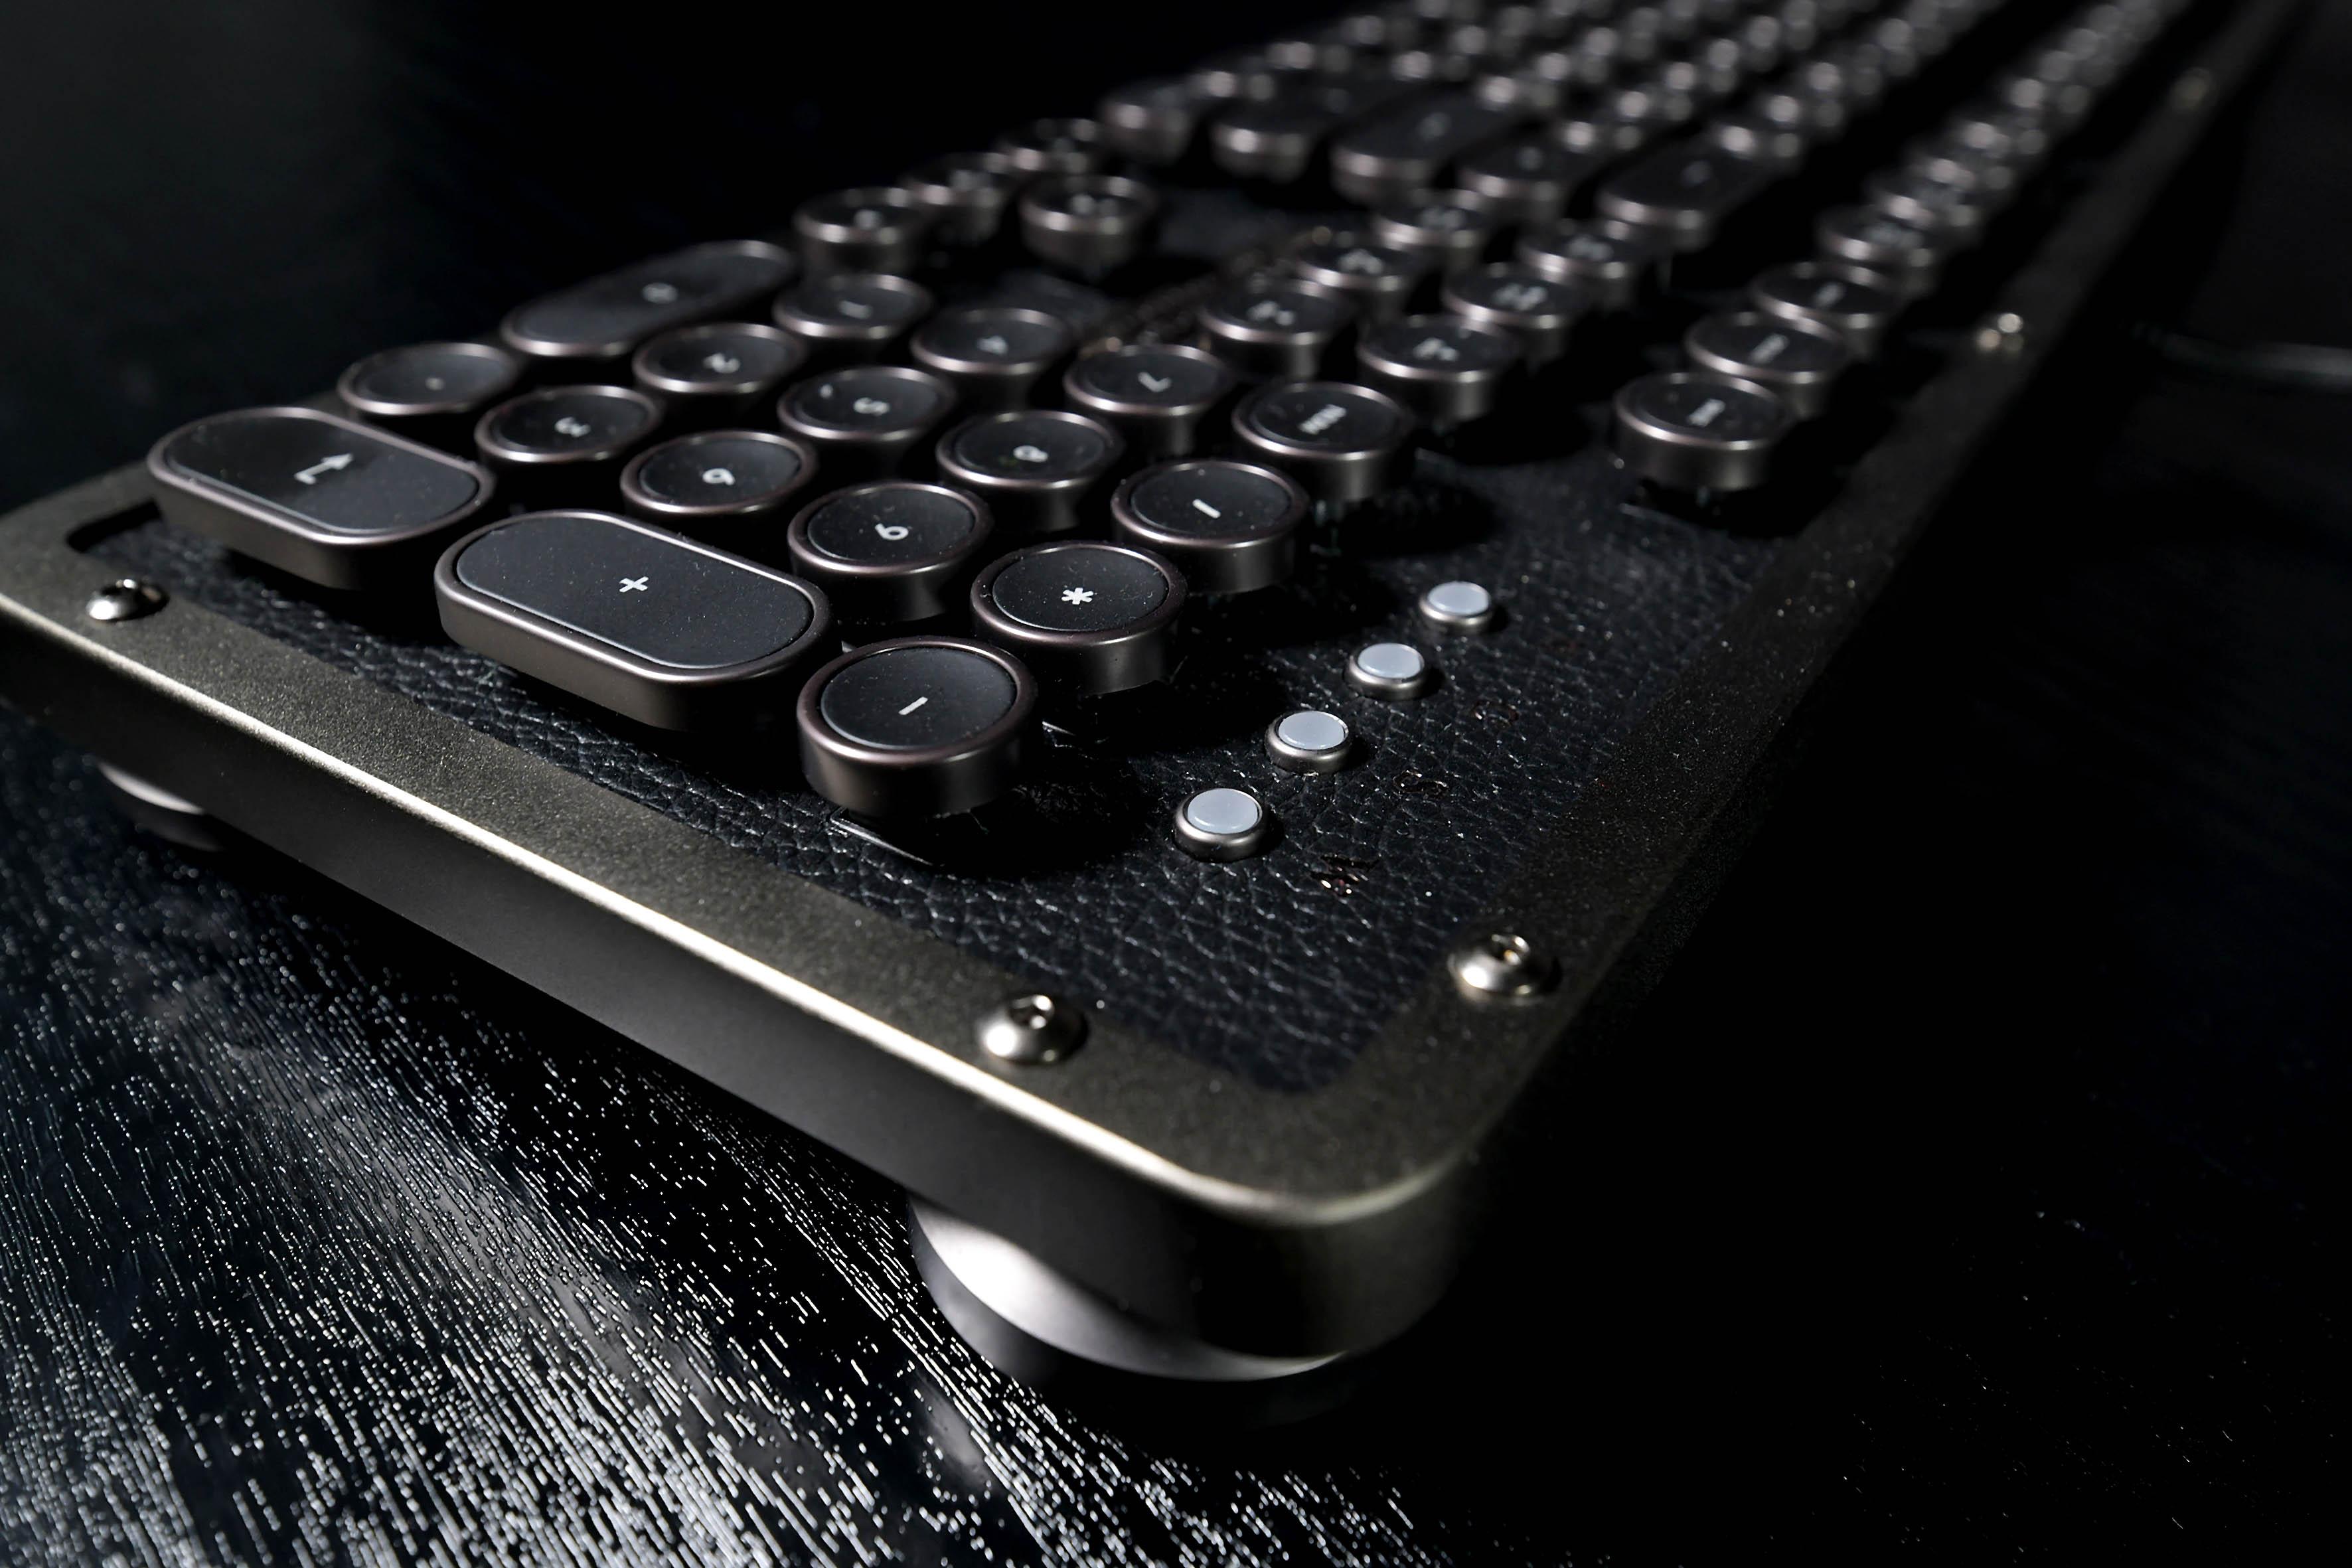 """Foto: Michael B. Rehders - Die Oberfläche besteht aus echtem Leder (!), die Umrandung von Tasten, Standfüßen und Keyboard ist in """"Gunmetal""""."""